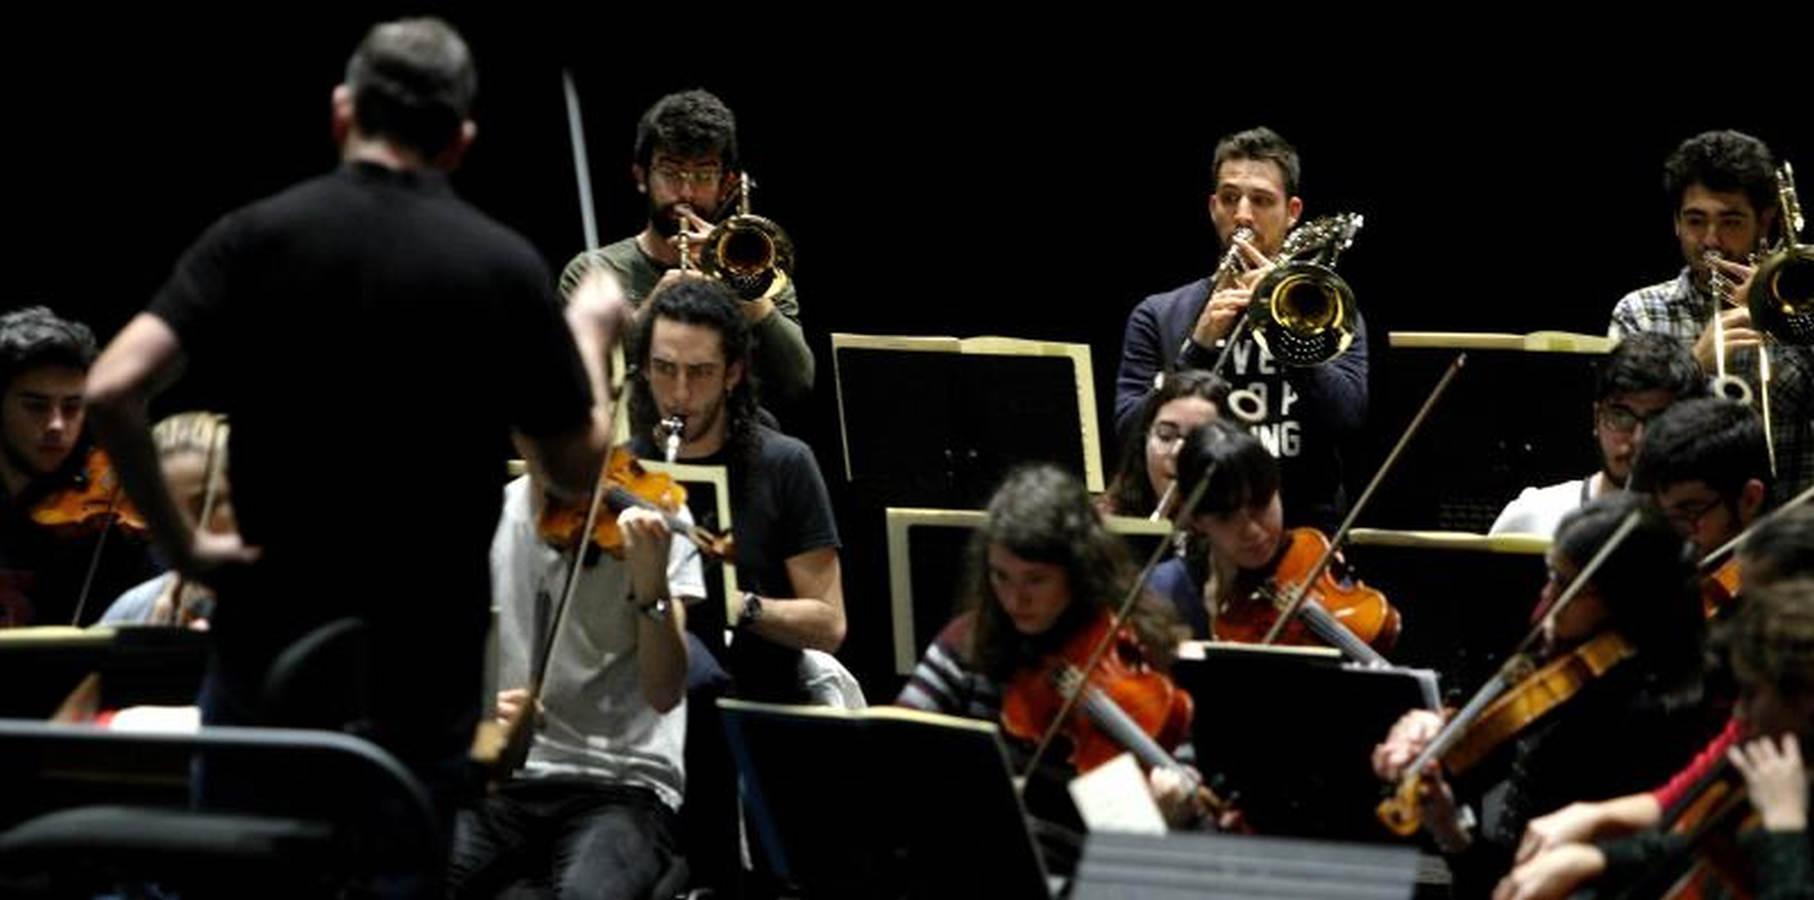 El Concierto Solidario de los jóvenes cumple 10 años de la mano del Orfeón y Musikene